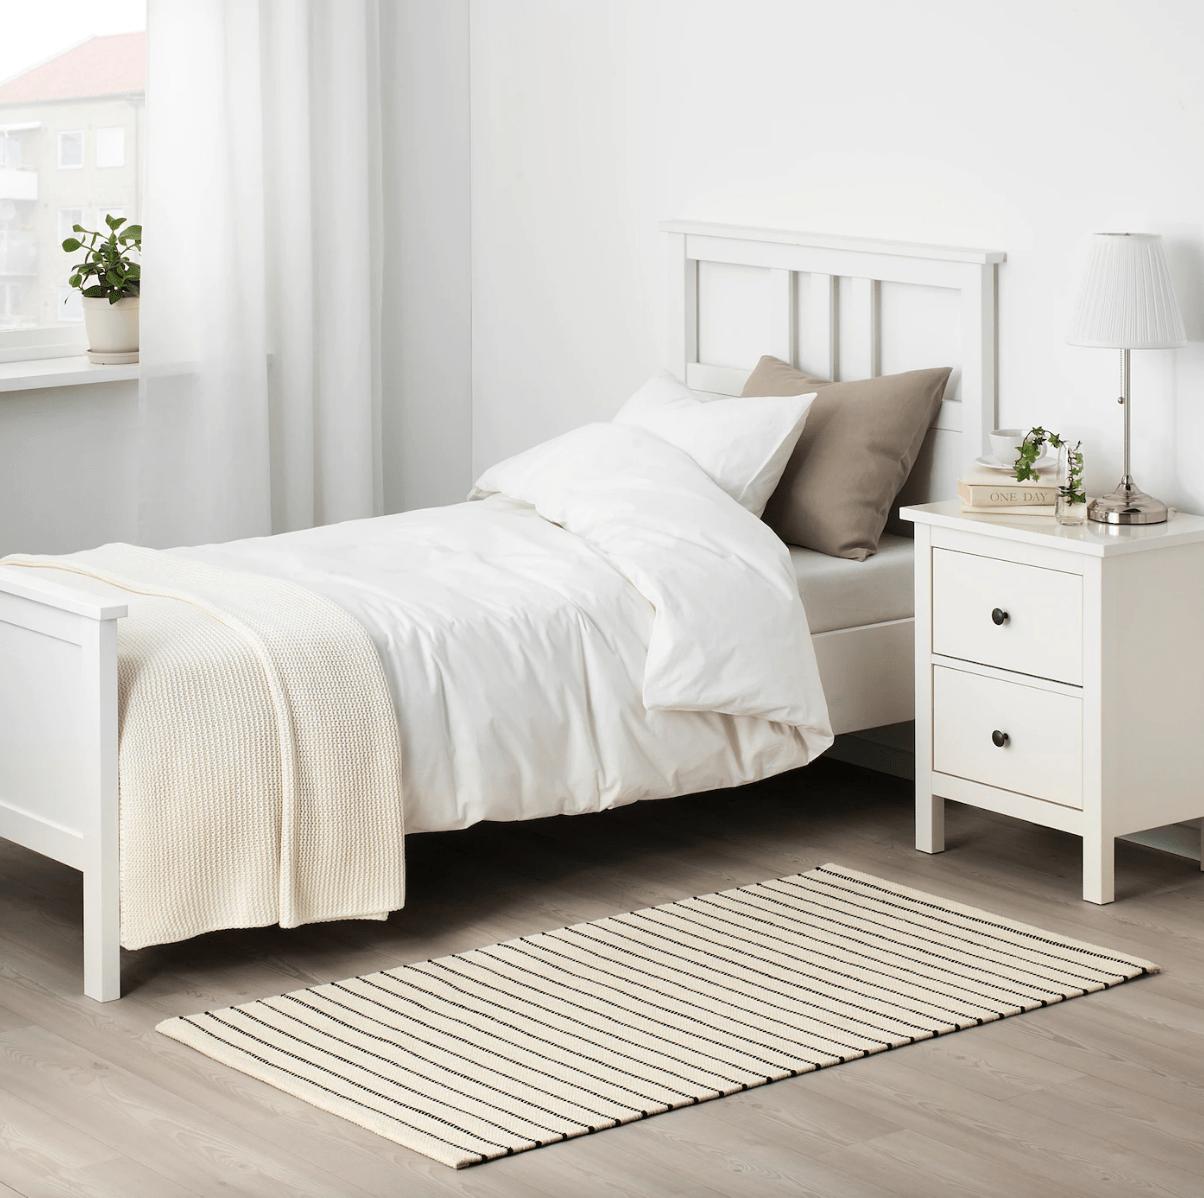 ikea hall runner rug beside bed in bedroom